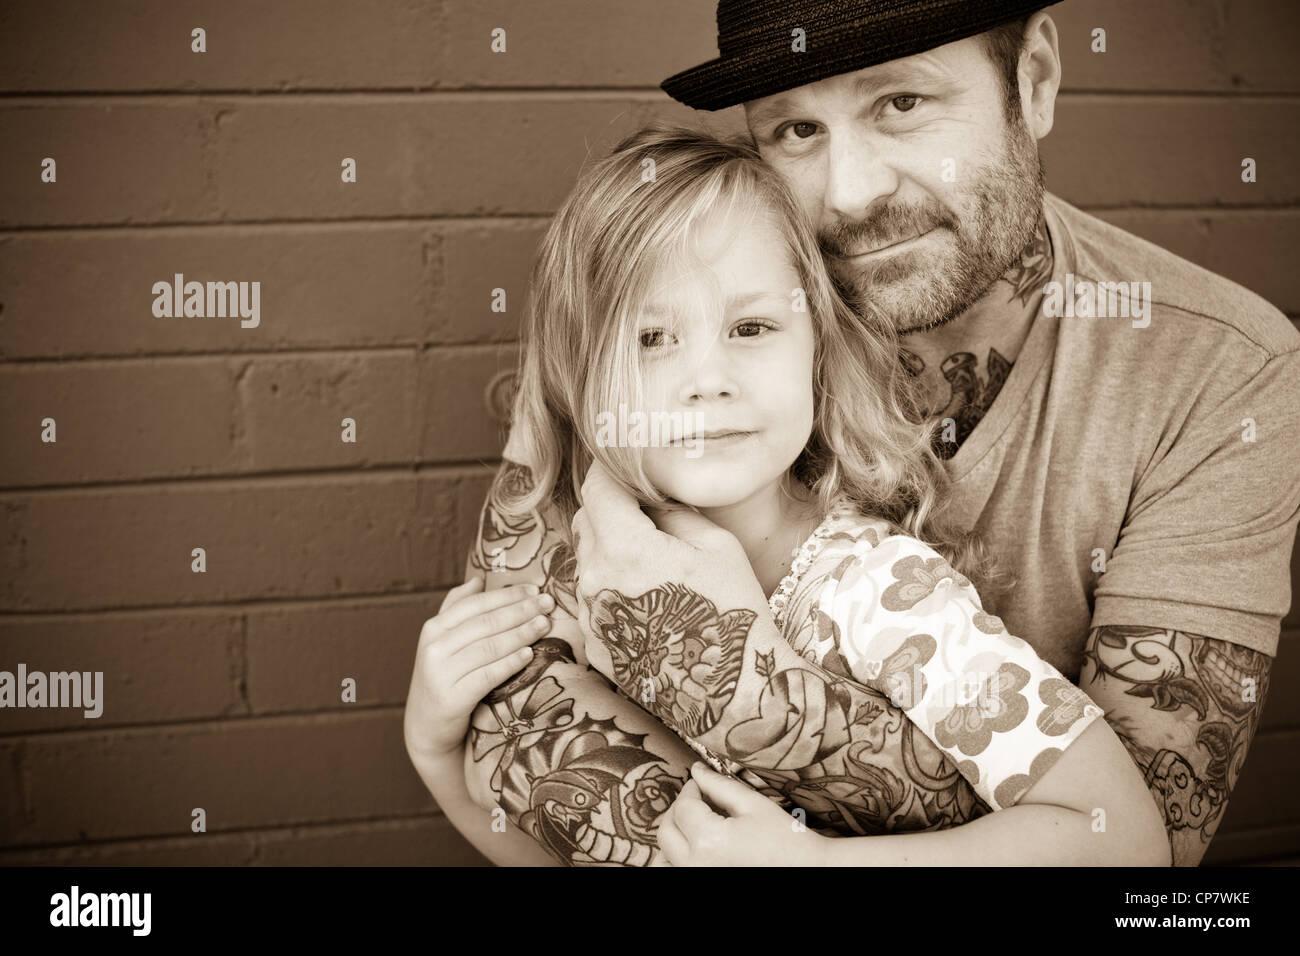 Père tient sa fille de cinq ans et s'intéresse à l'appareil photo. Photo Stock